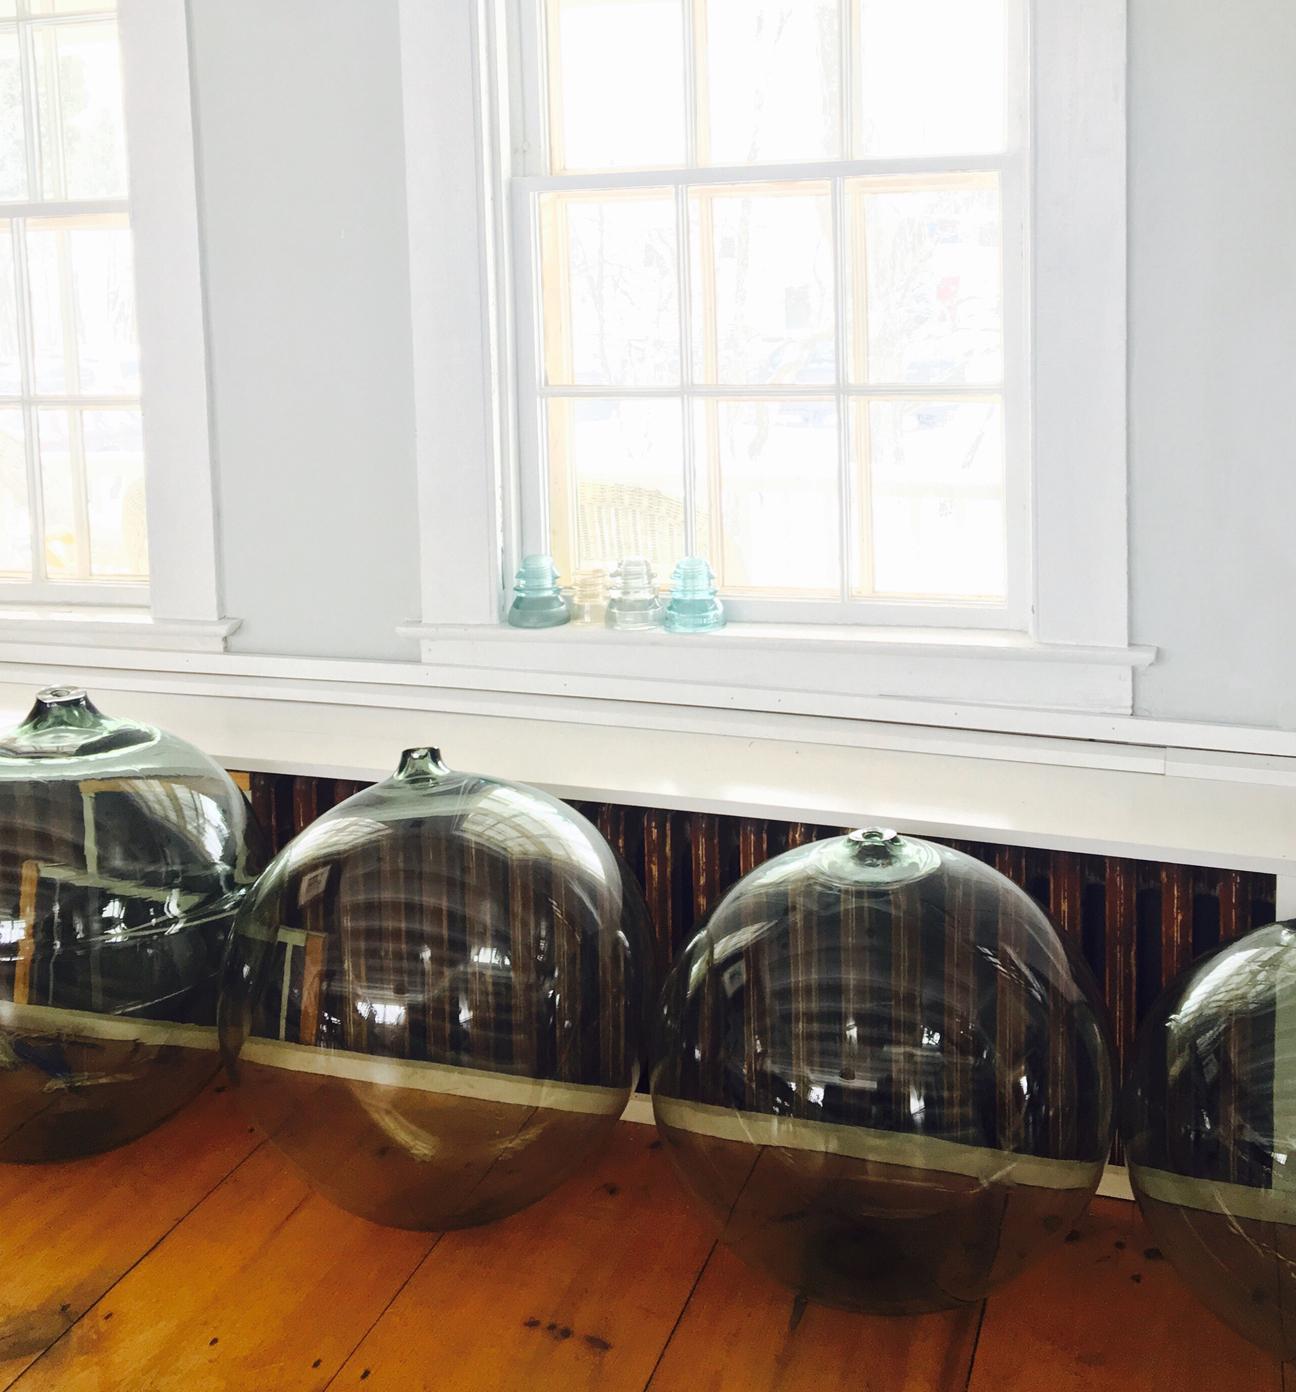 Buoy Spheres